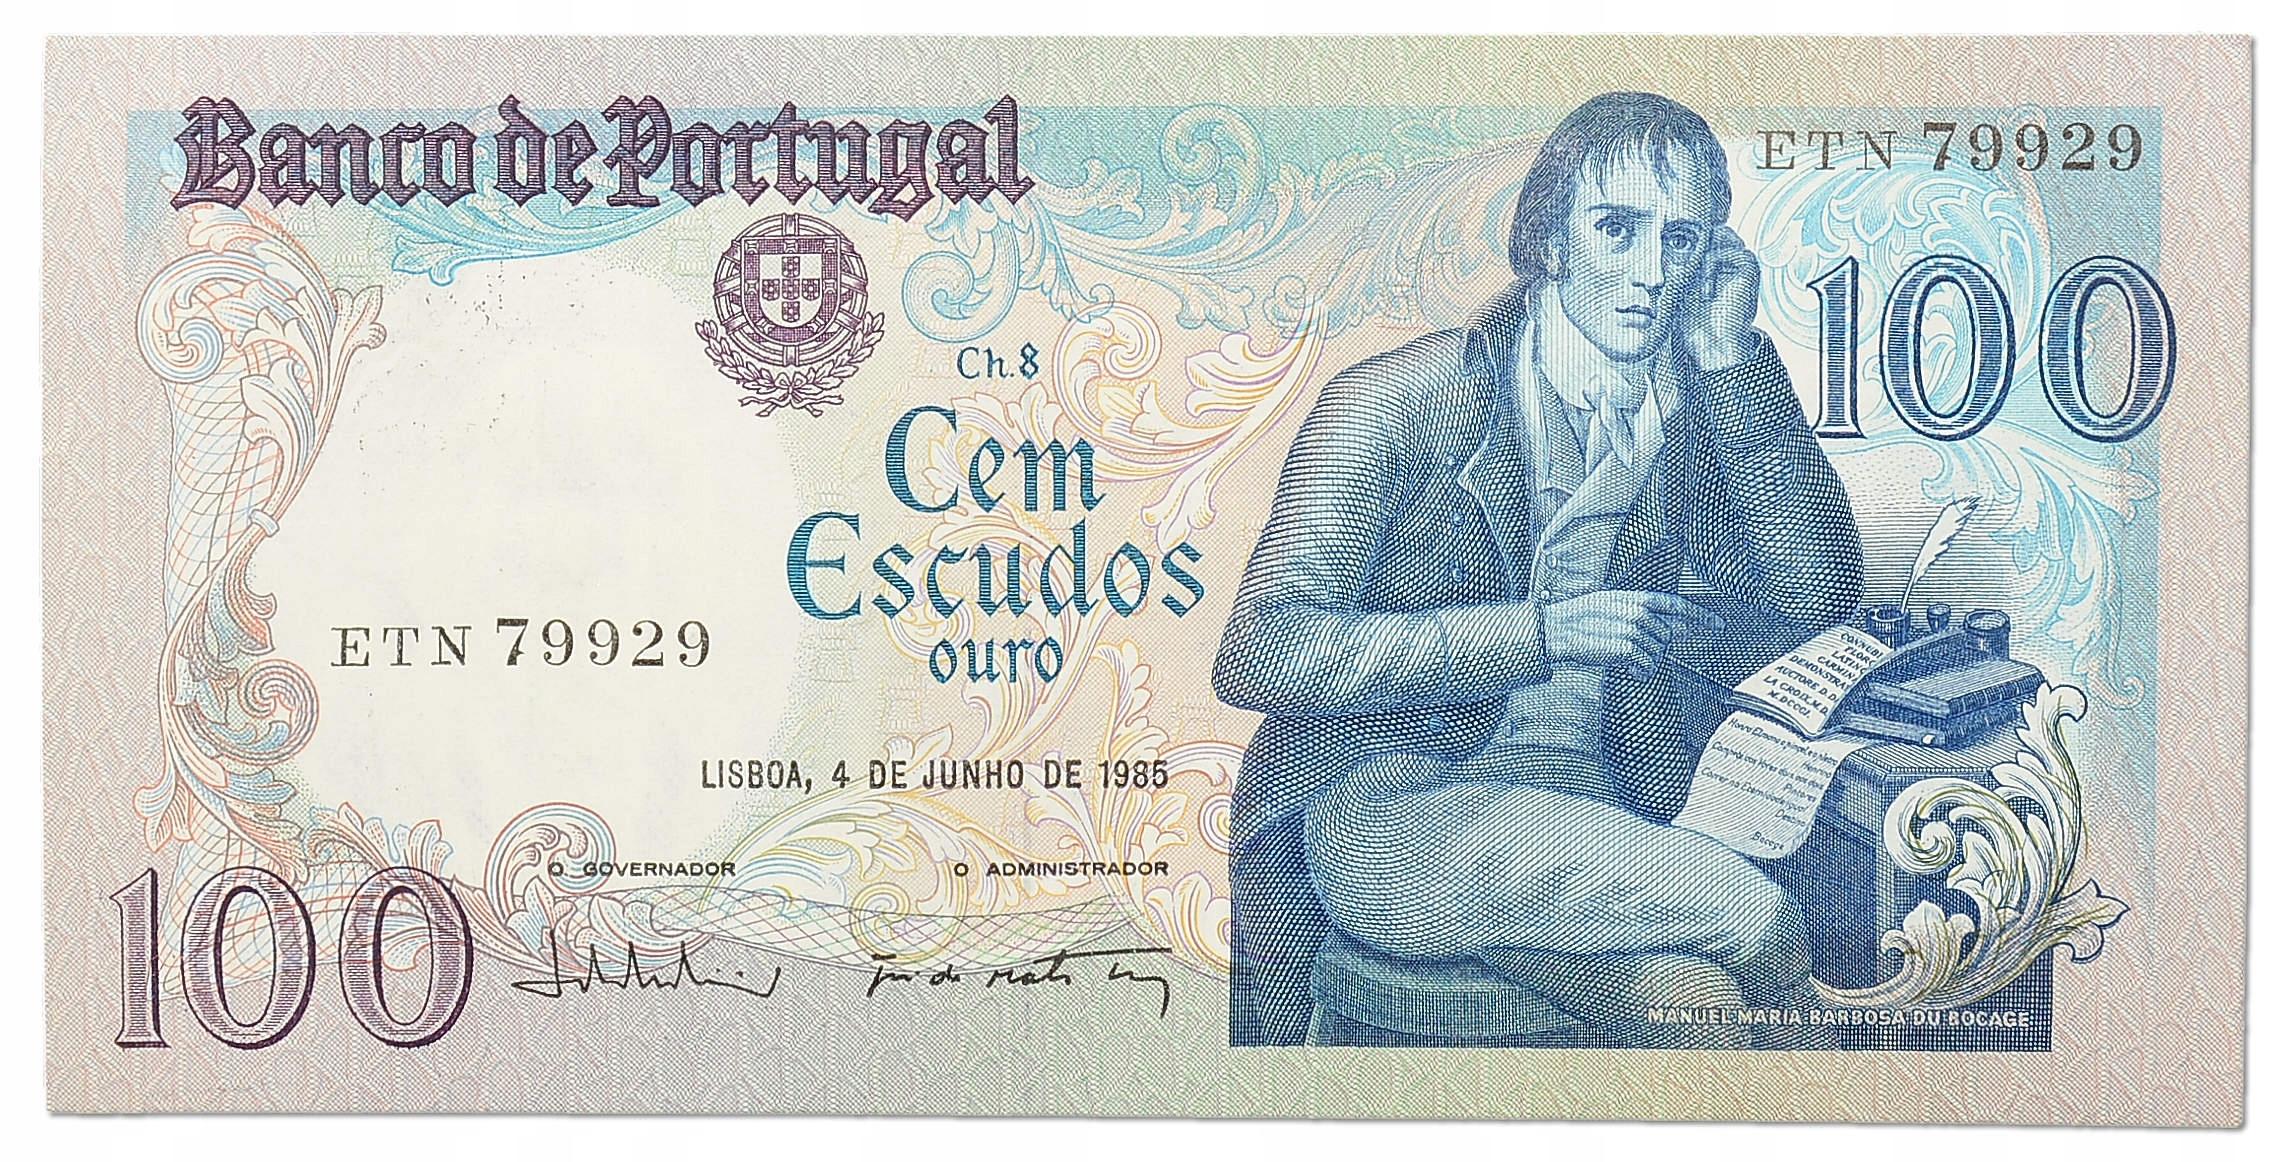 32.Portugalia, 100 Escudos 1985, P.178.d, St.1-